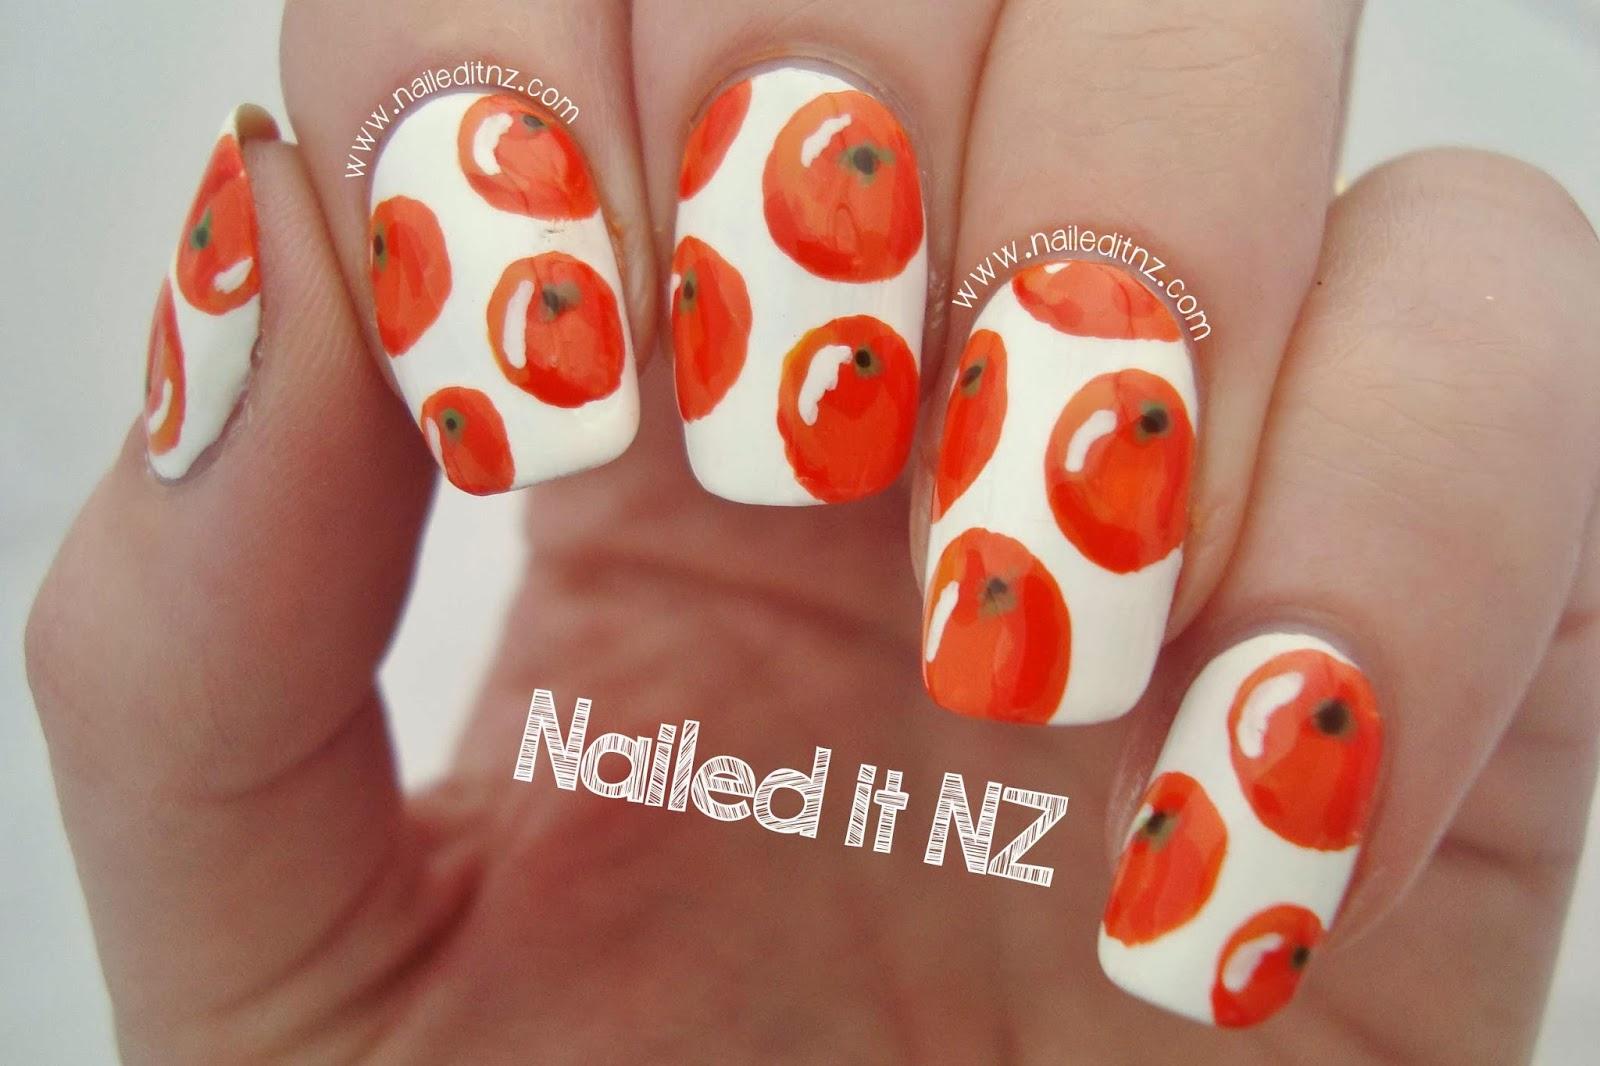 Orange Nail Art Trip Down Nail Art Lane Day 3